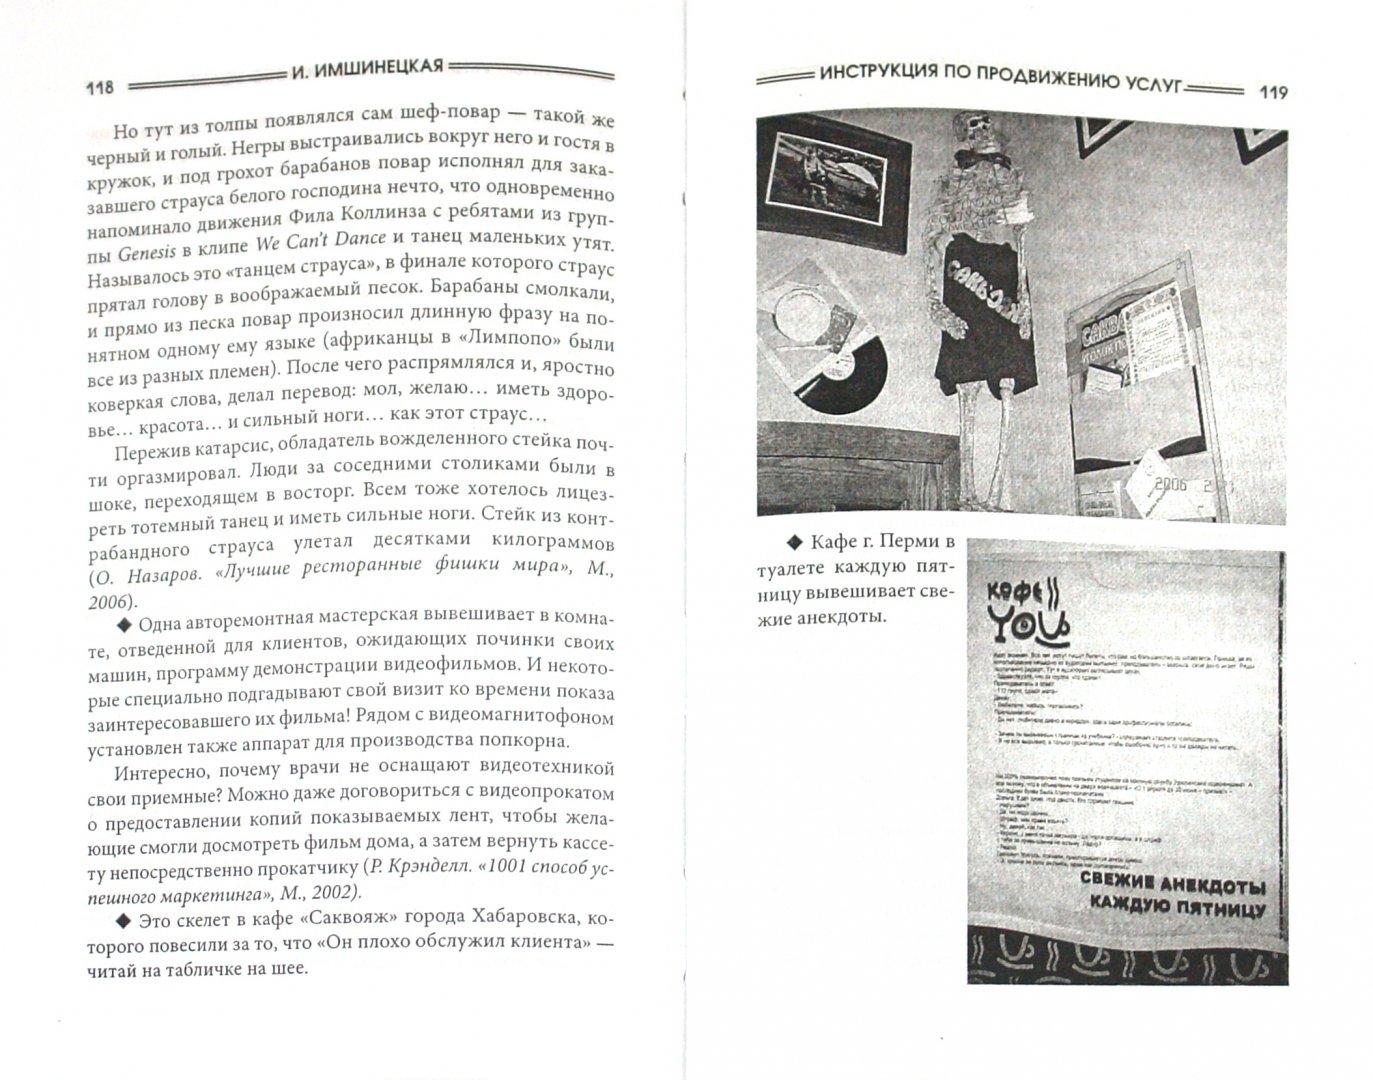 Иллюстрация 1 из 28 для Инструкция по продвижению услуг, или Как продать невидимку? - Ия Имшинецкая | Лабиринт - книги. Источник: Лабиринт